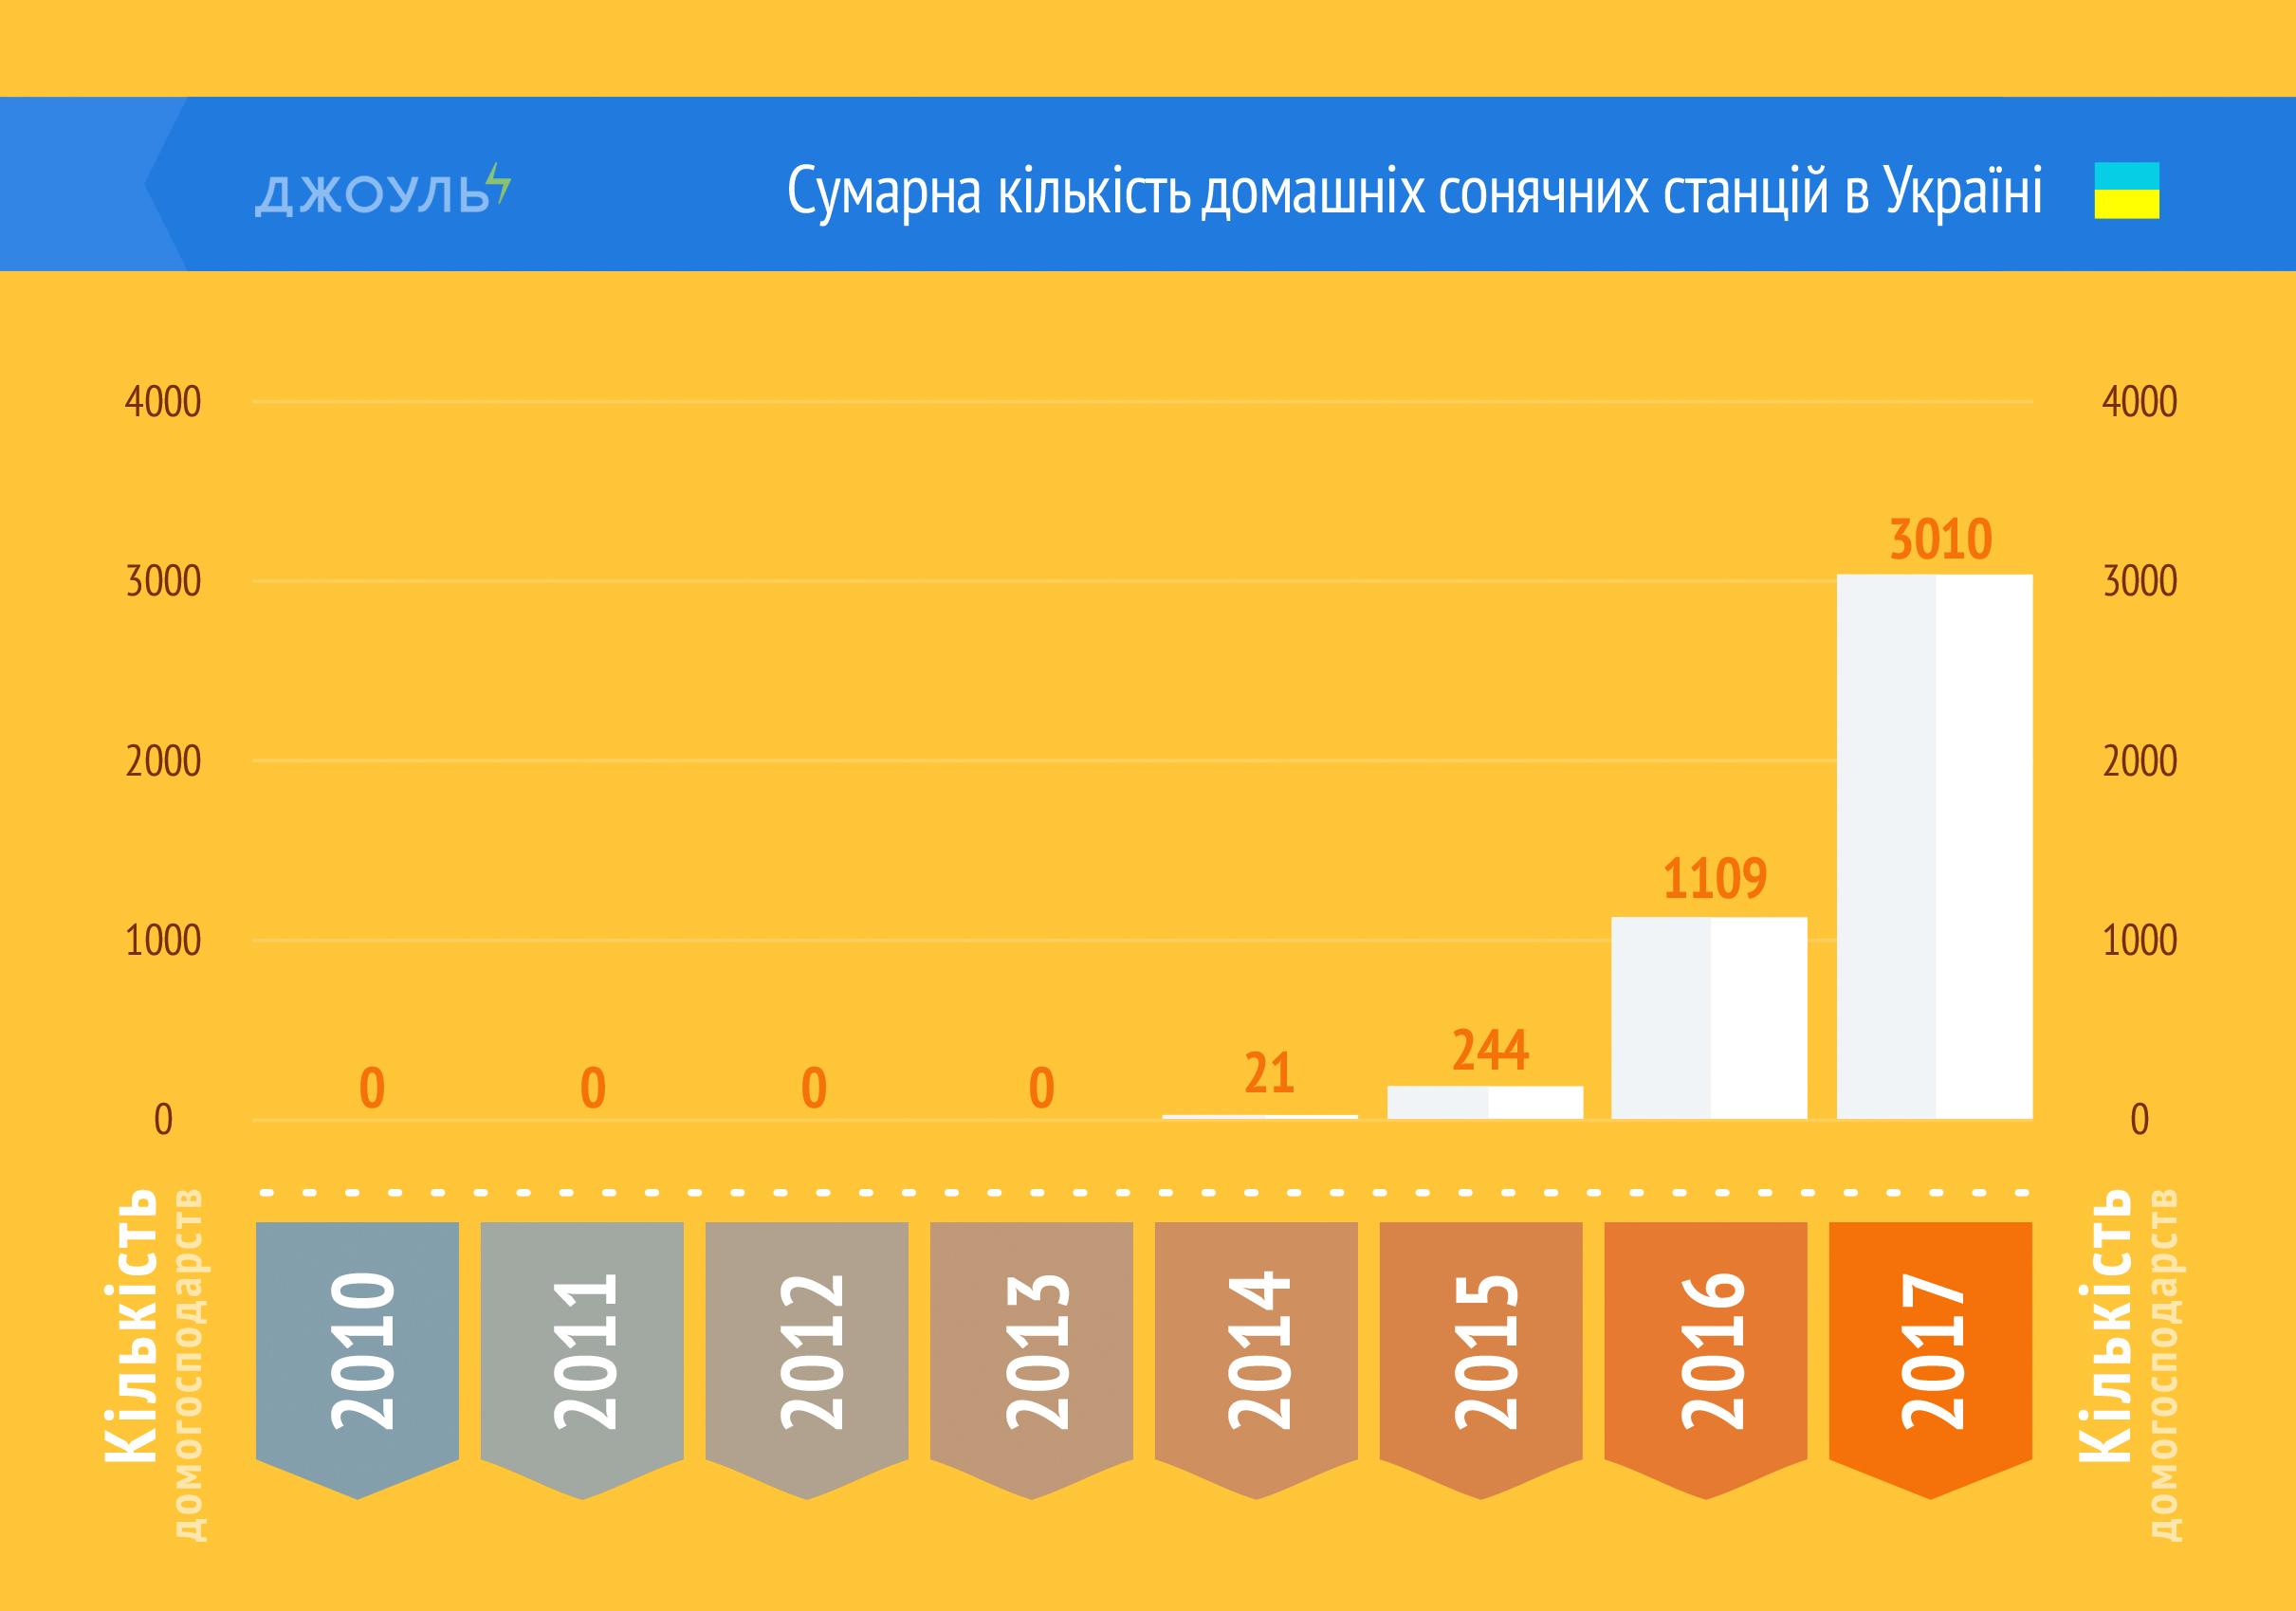 Сумарна кількість домашніх сонячних станцій в Україні